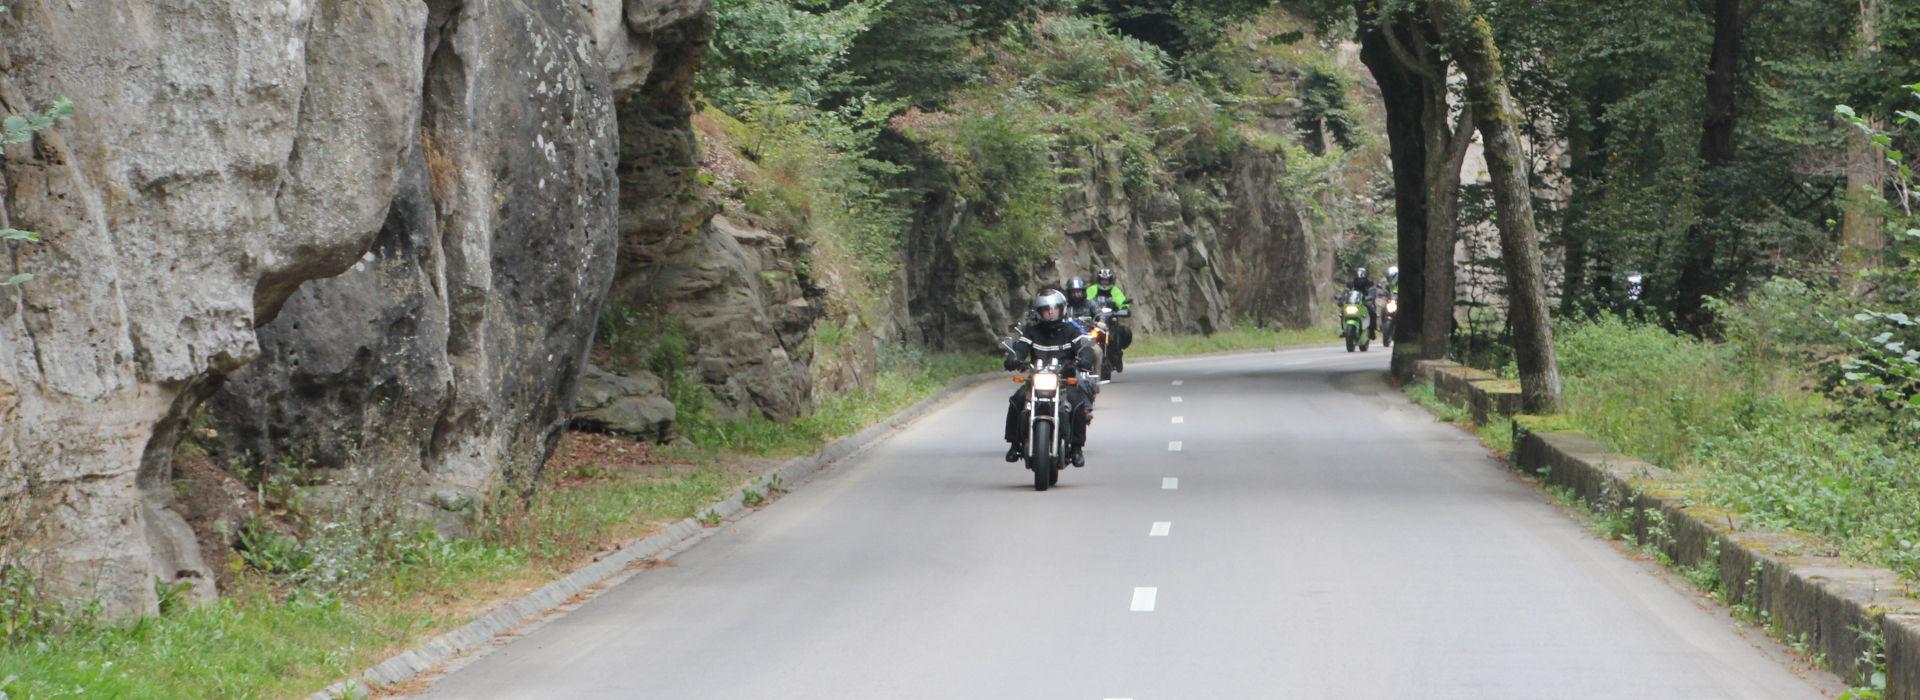 Motorrijbewijspoint Beuningen spoed motorrijbewijs